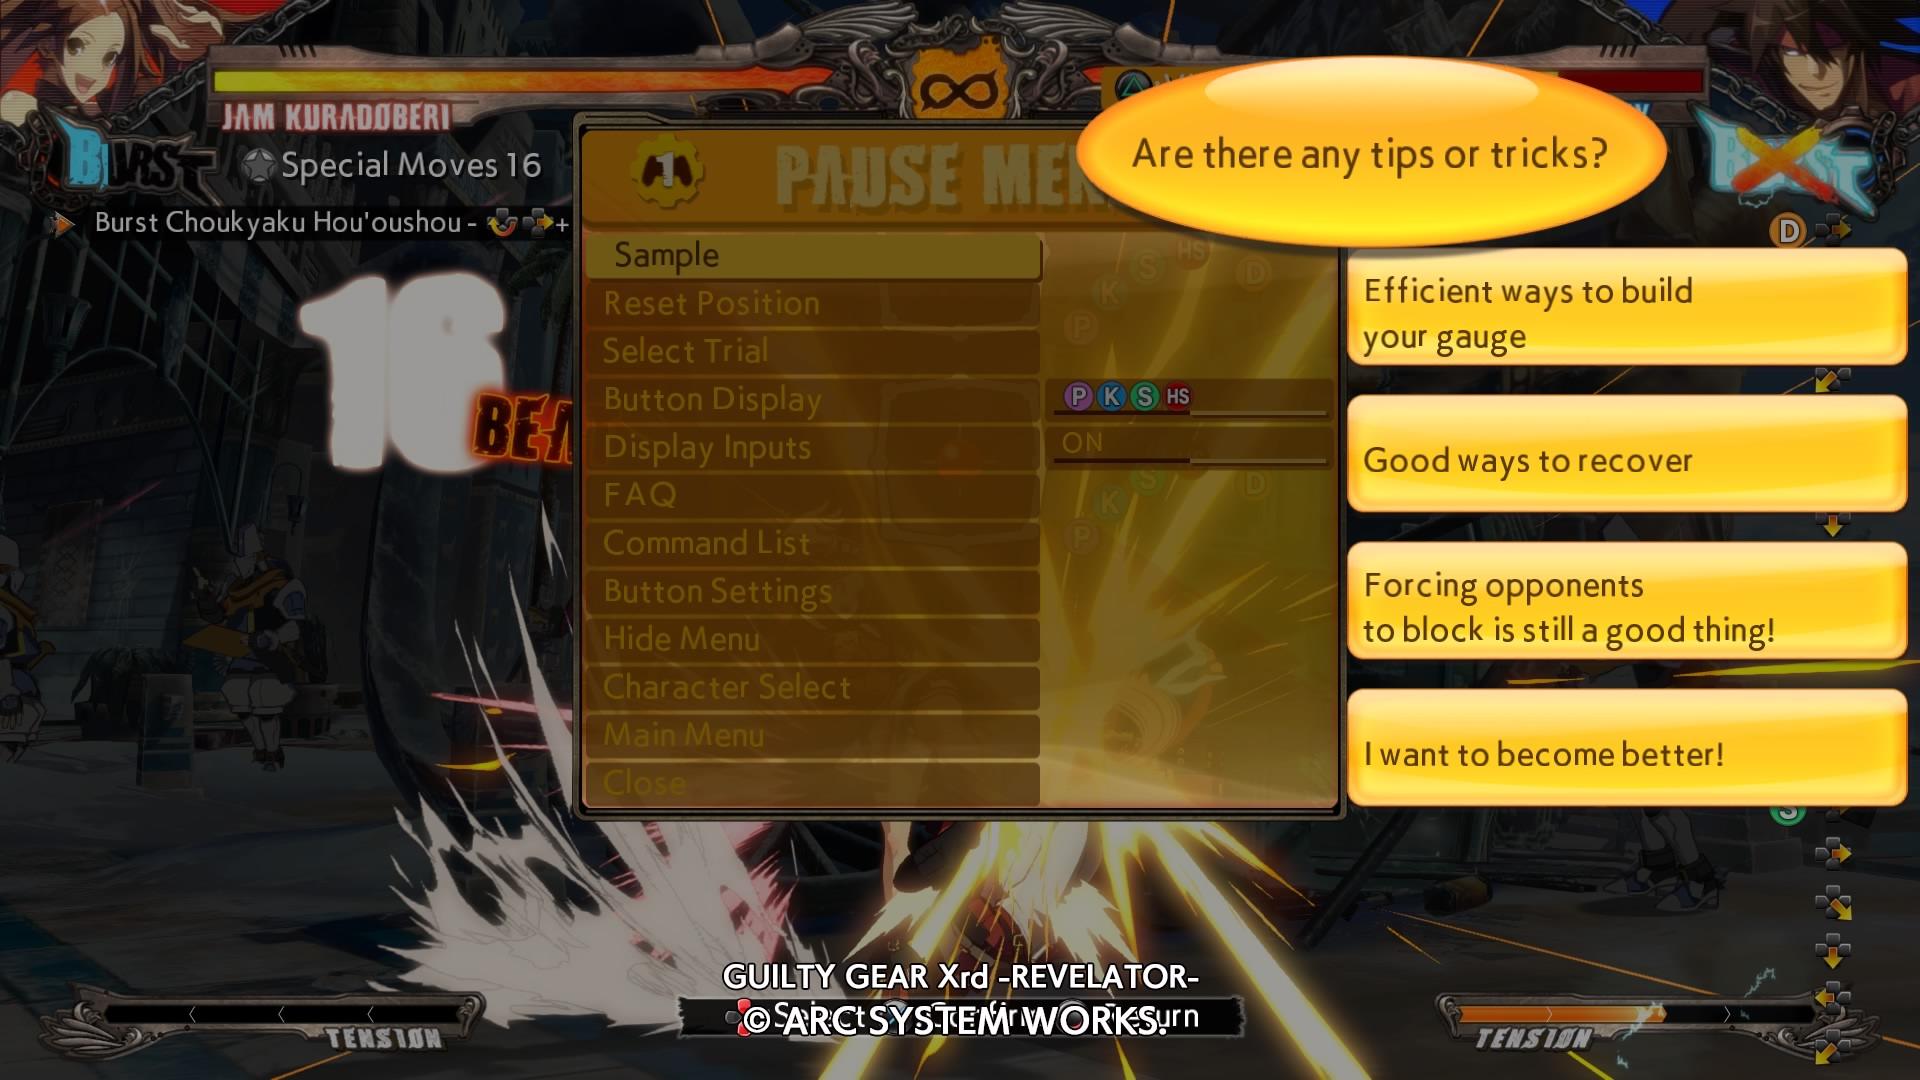 GuiltyGearXrd-Revelator PS4 Test 036